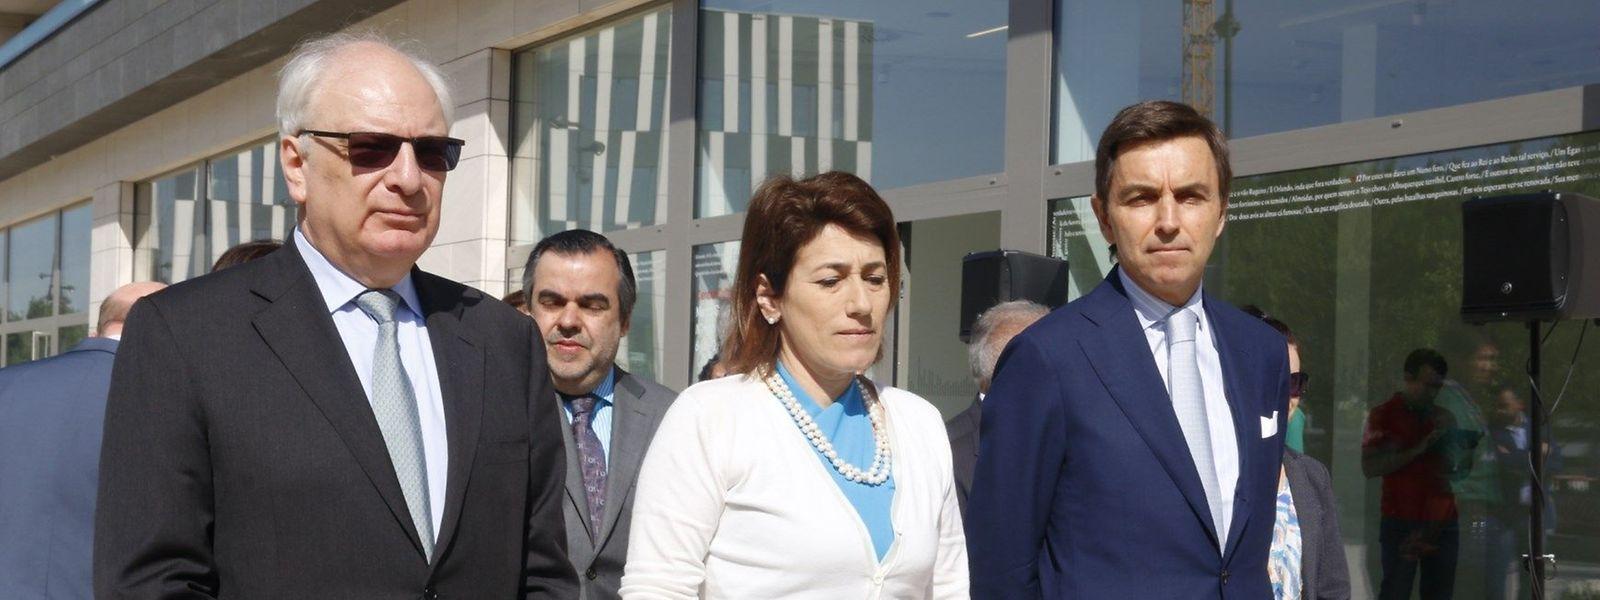 A ministra da Administração Interna, Constança Urbano de Sousa, participou hoje na cerimónia do 10 de Junho no Luxemburgo